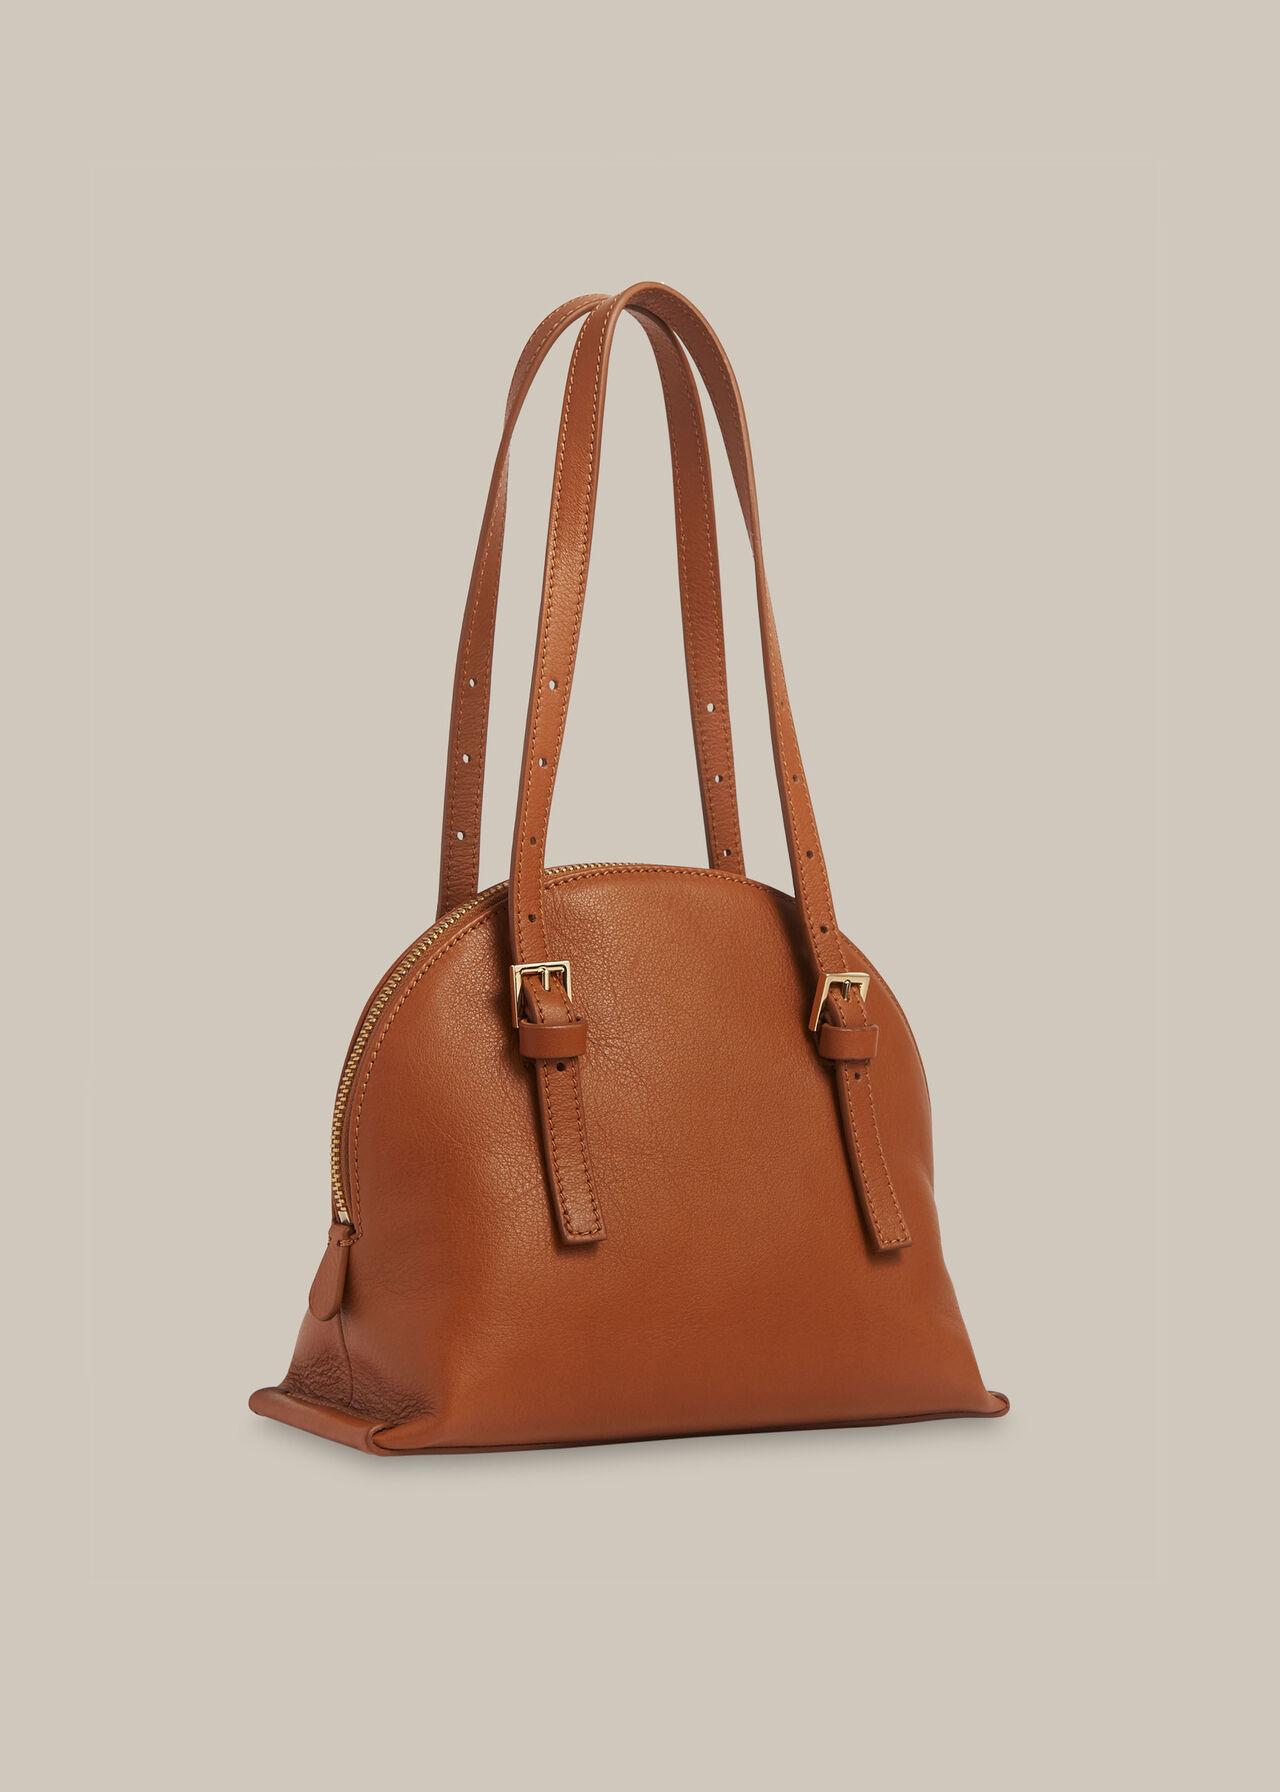 Hadley Buckle Detail Bag